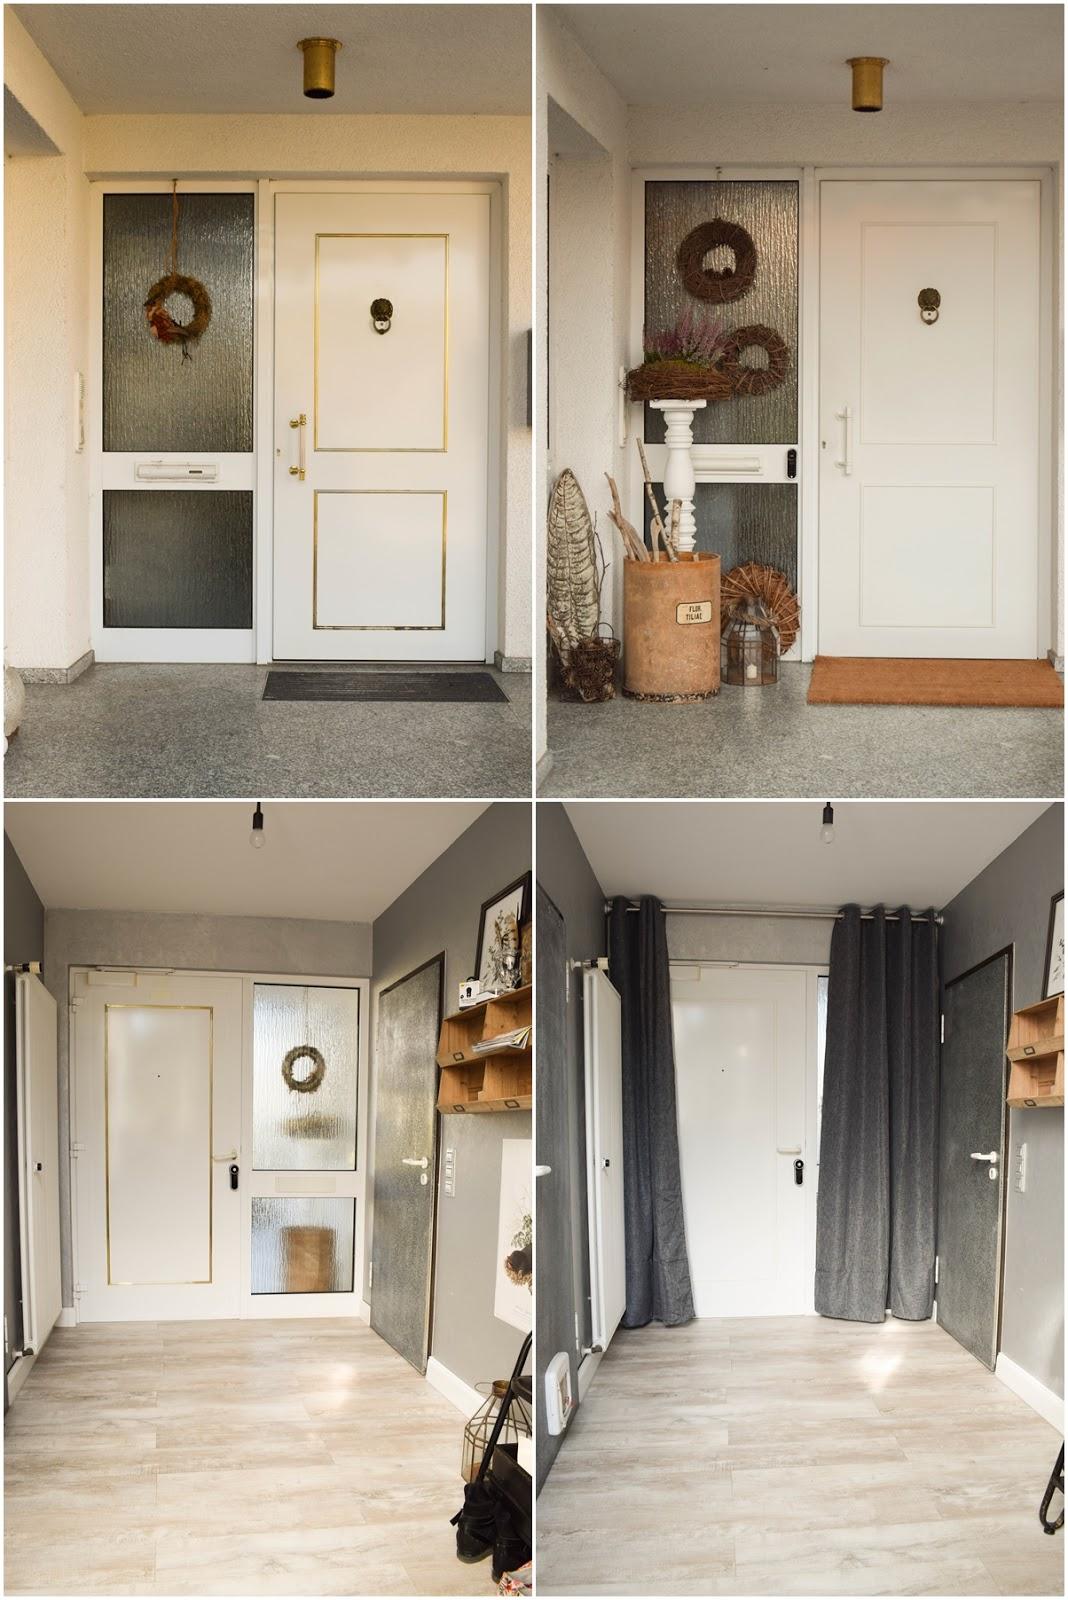 Yale Entr Smartlock: smartes Türschloss für Haustüre. Renovierung Schliesssystem und intelligente Schliessloesung. Smart Home Ideen. Renovierung Tür, Eingang, Diele. Vorher Nachher